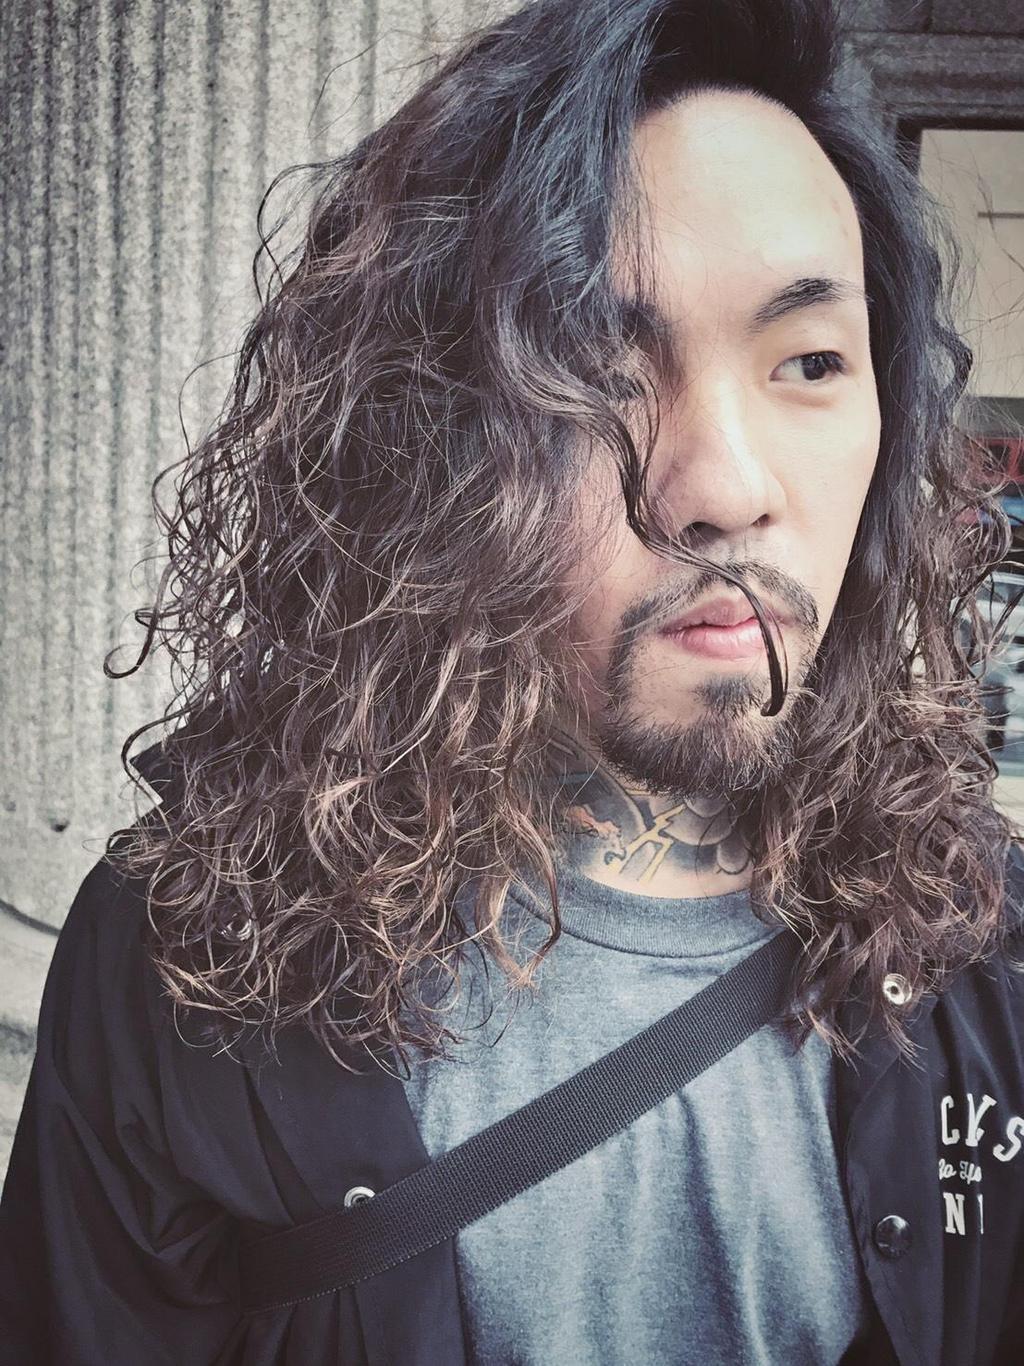 ▲長髮男子髮型 。(圖/stylemap提供)